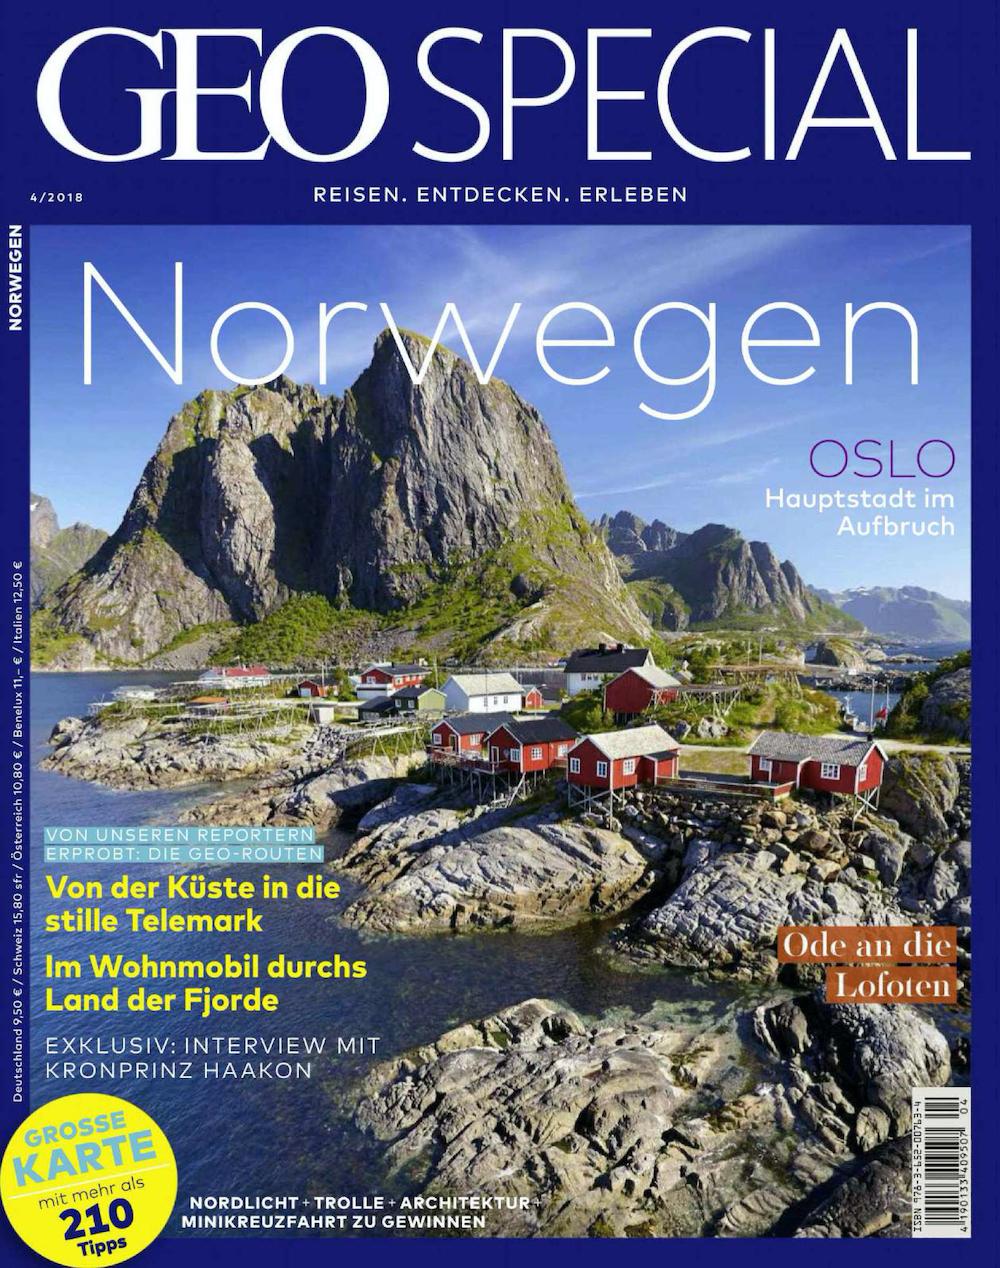 GEO Special 2018-04 Norwegen